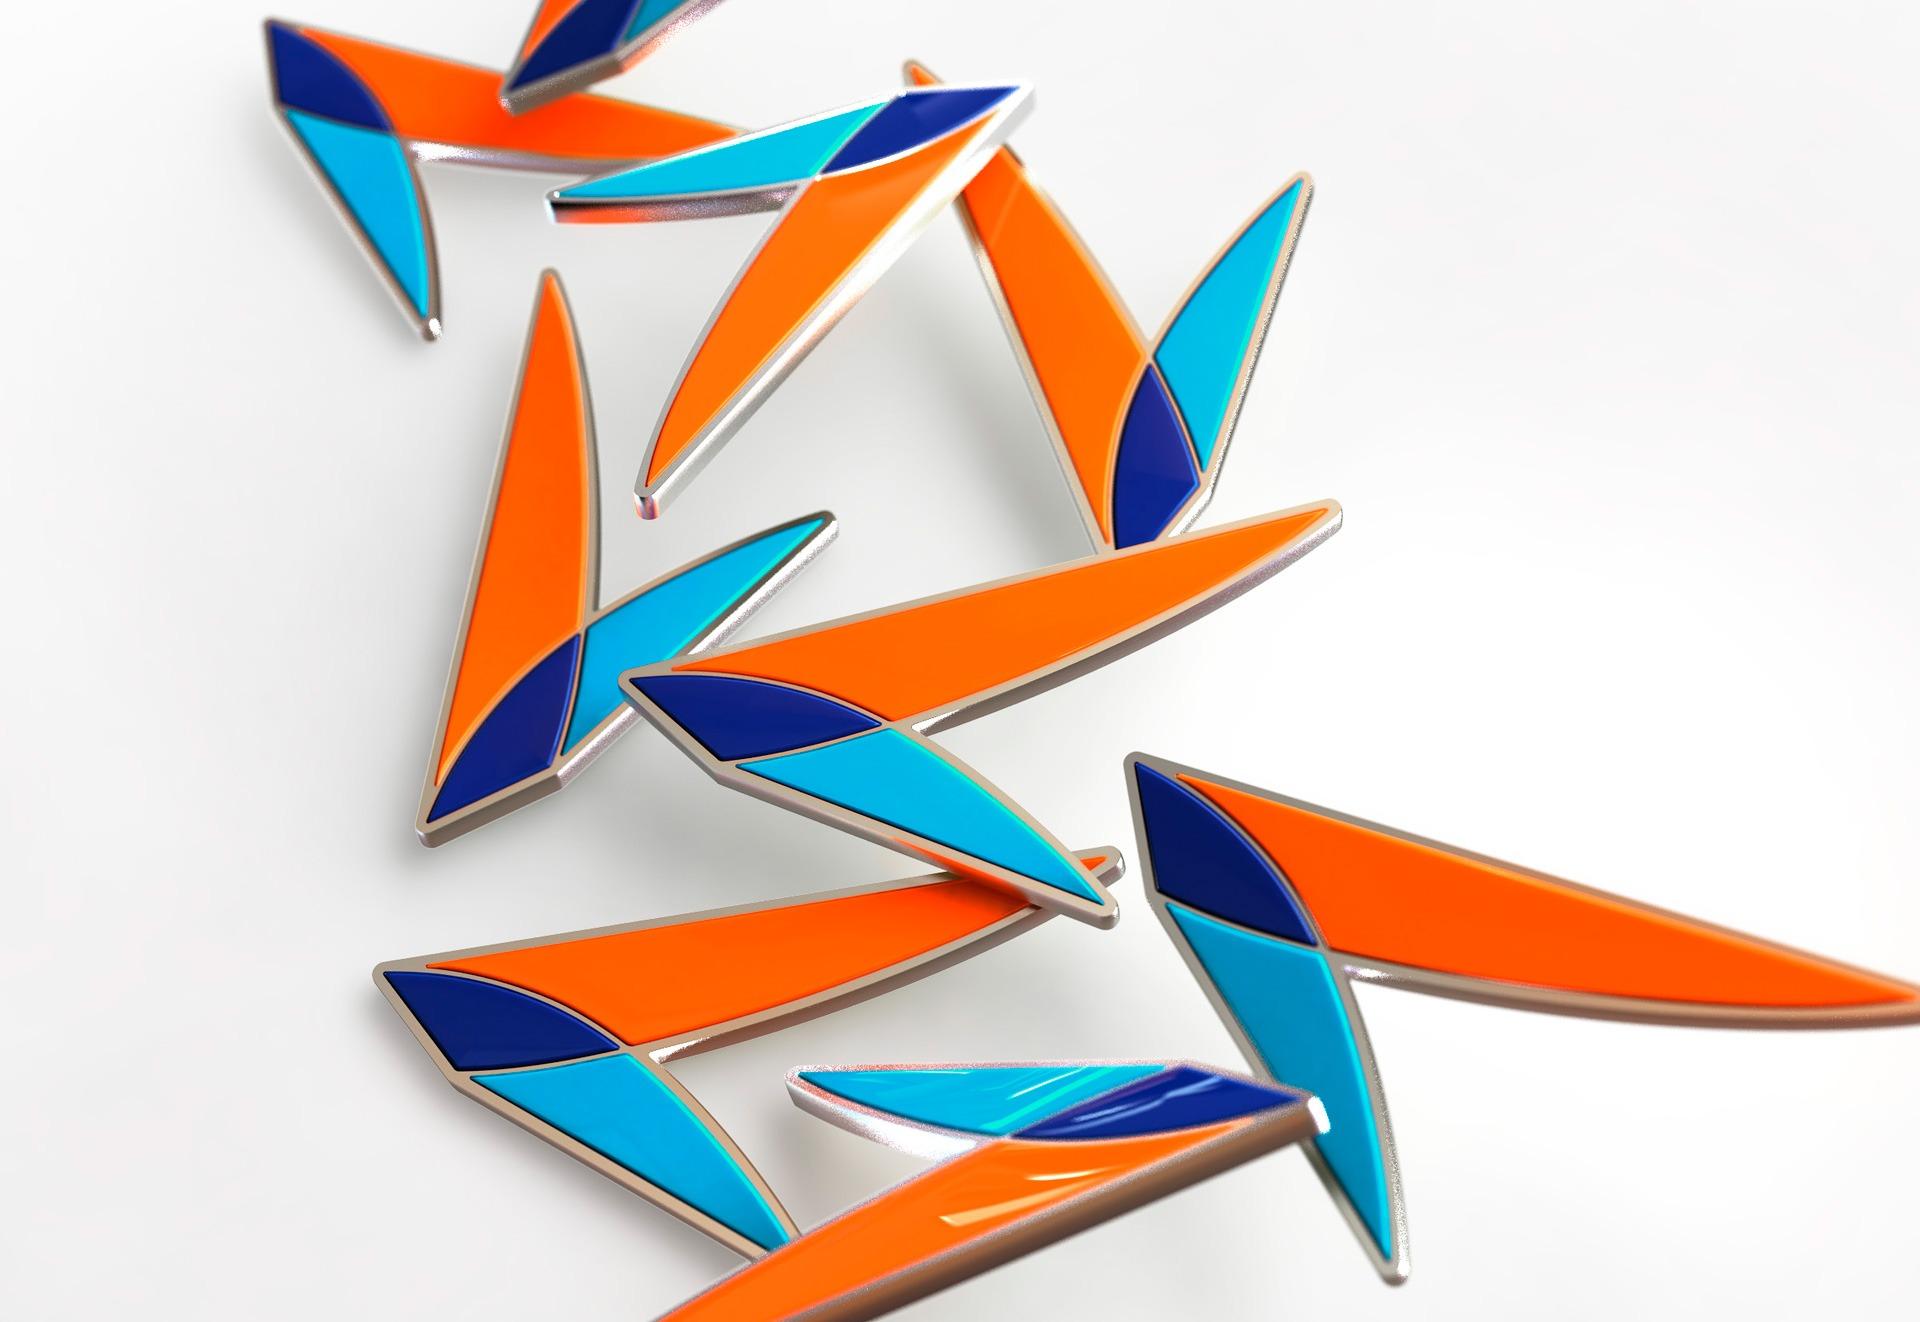 Авиакомпания Азимут, дизайн нагрудных знаков бортового экипажа, Azimuth Airlines, badge design for flight attendants